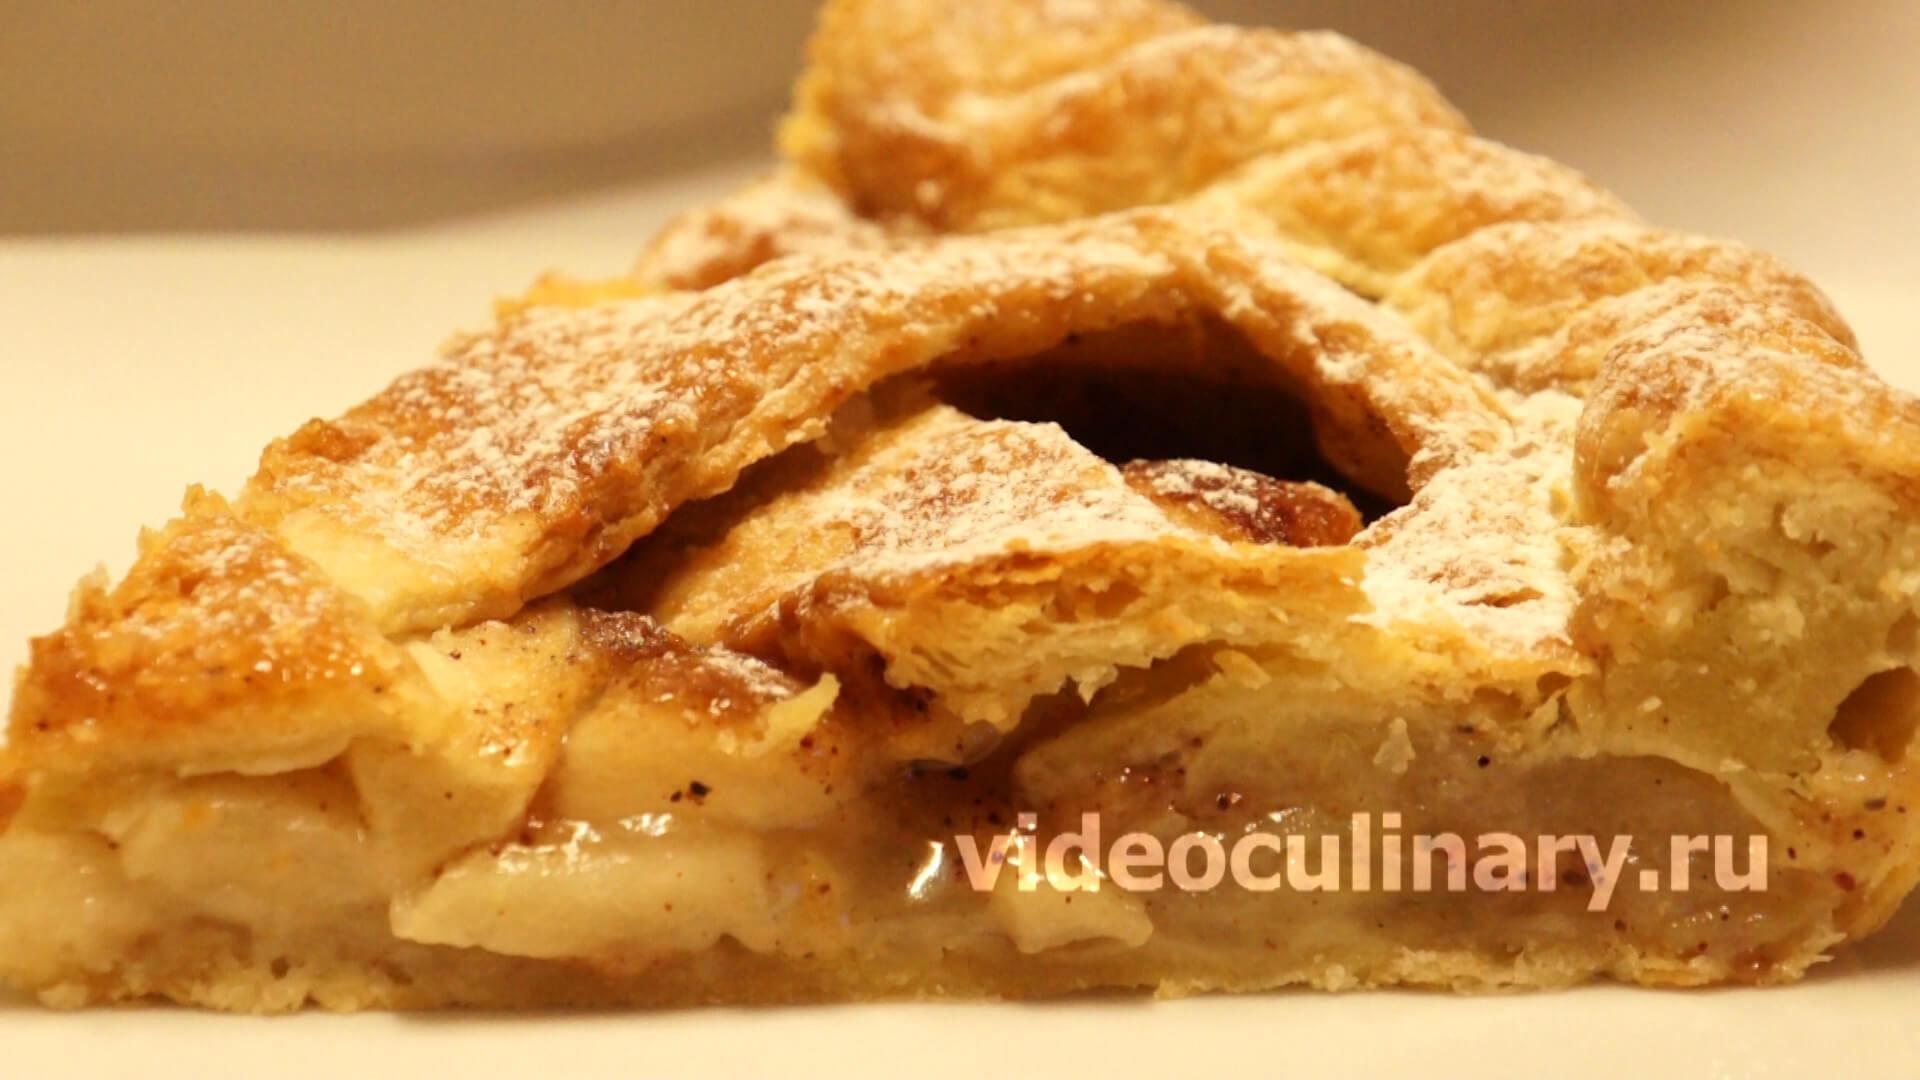 Простые пироги - 57 рецептов приготовления пошагово - nu